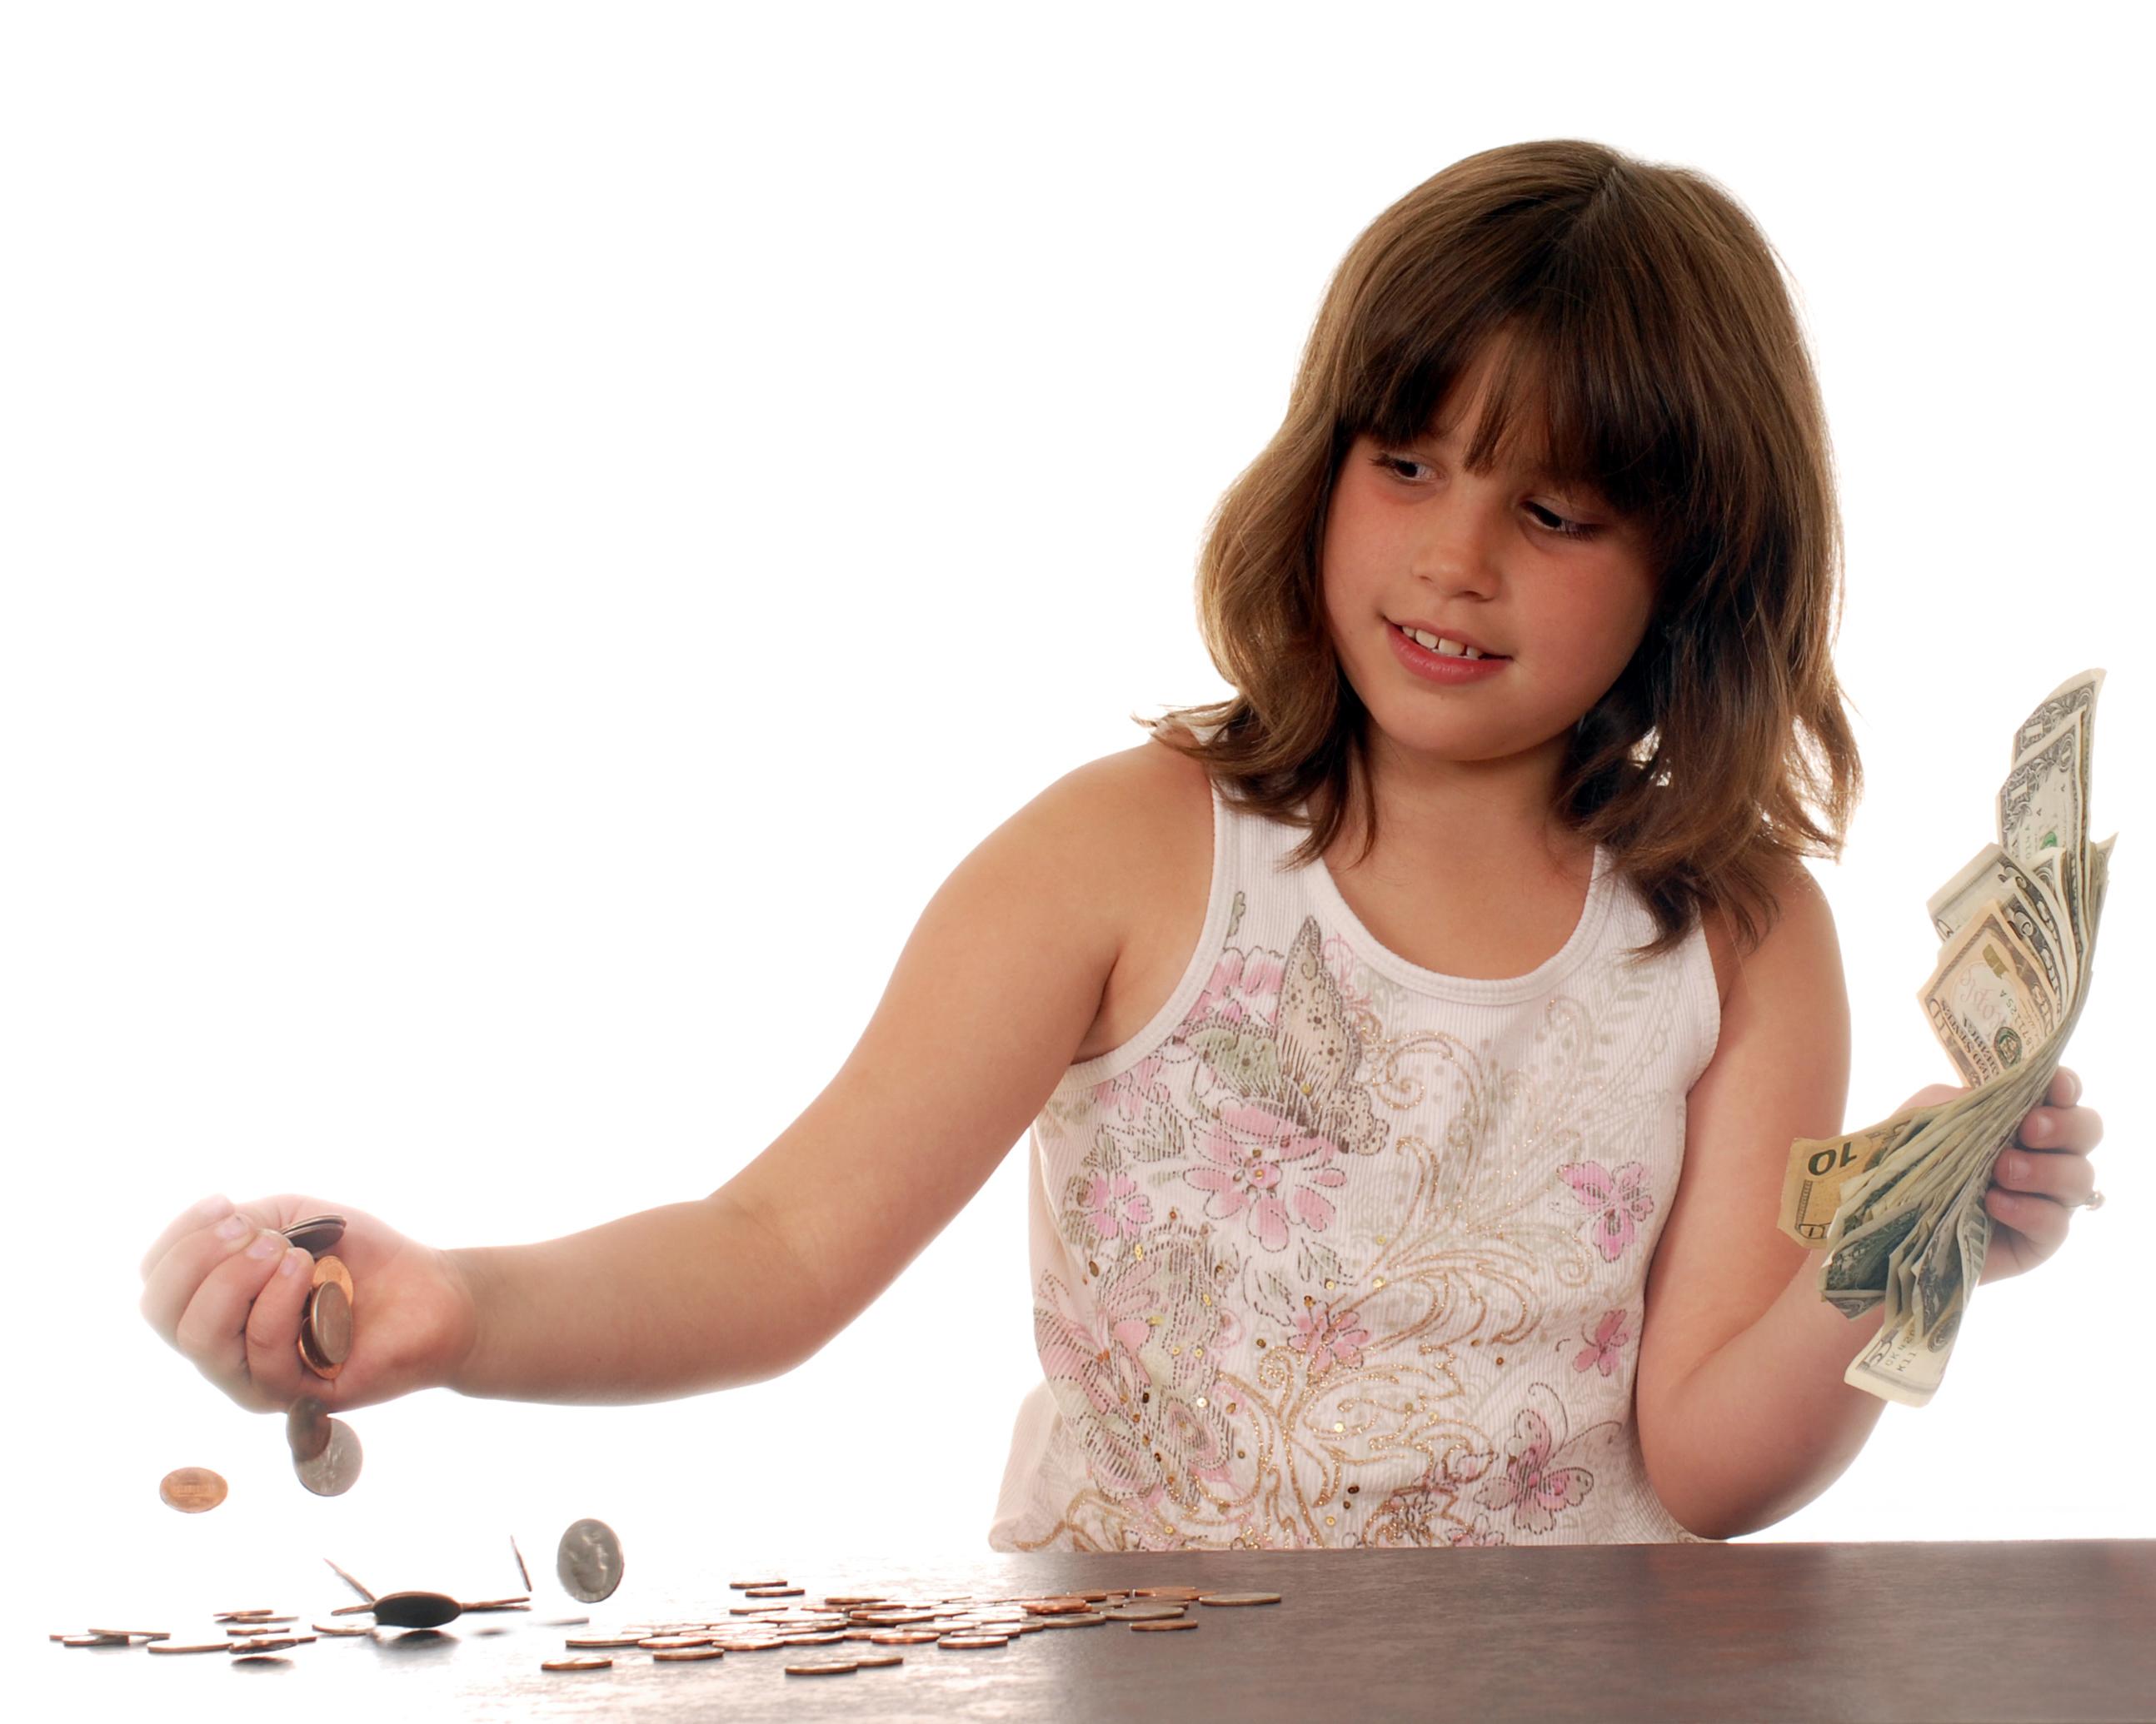 credinte limitative despre prosperitate